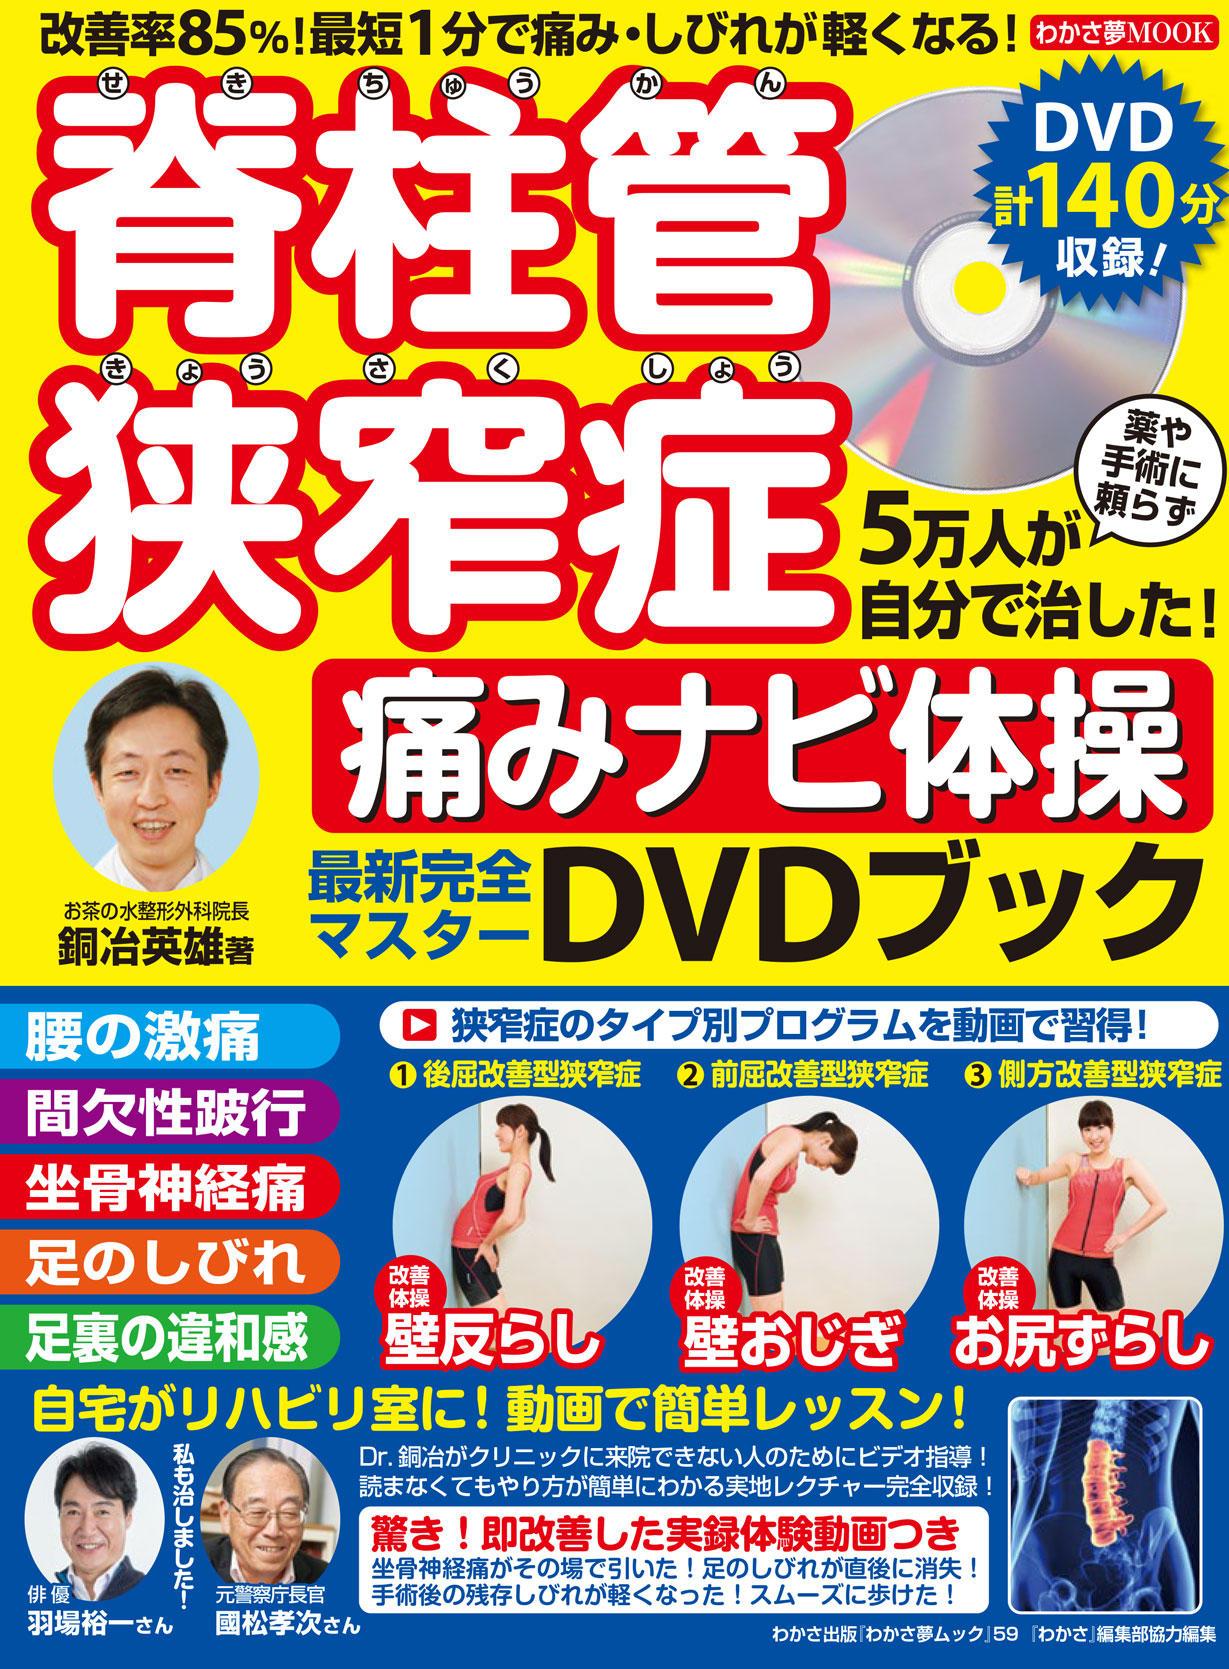 59_痛みナビ体操DVD_s.jpg